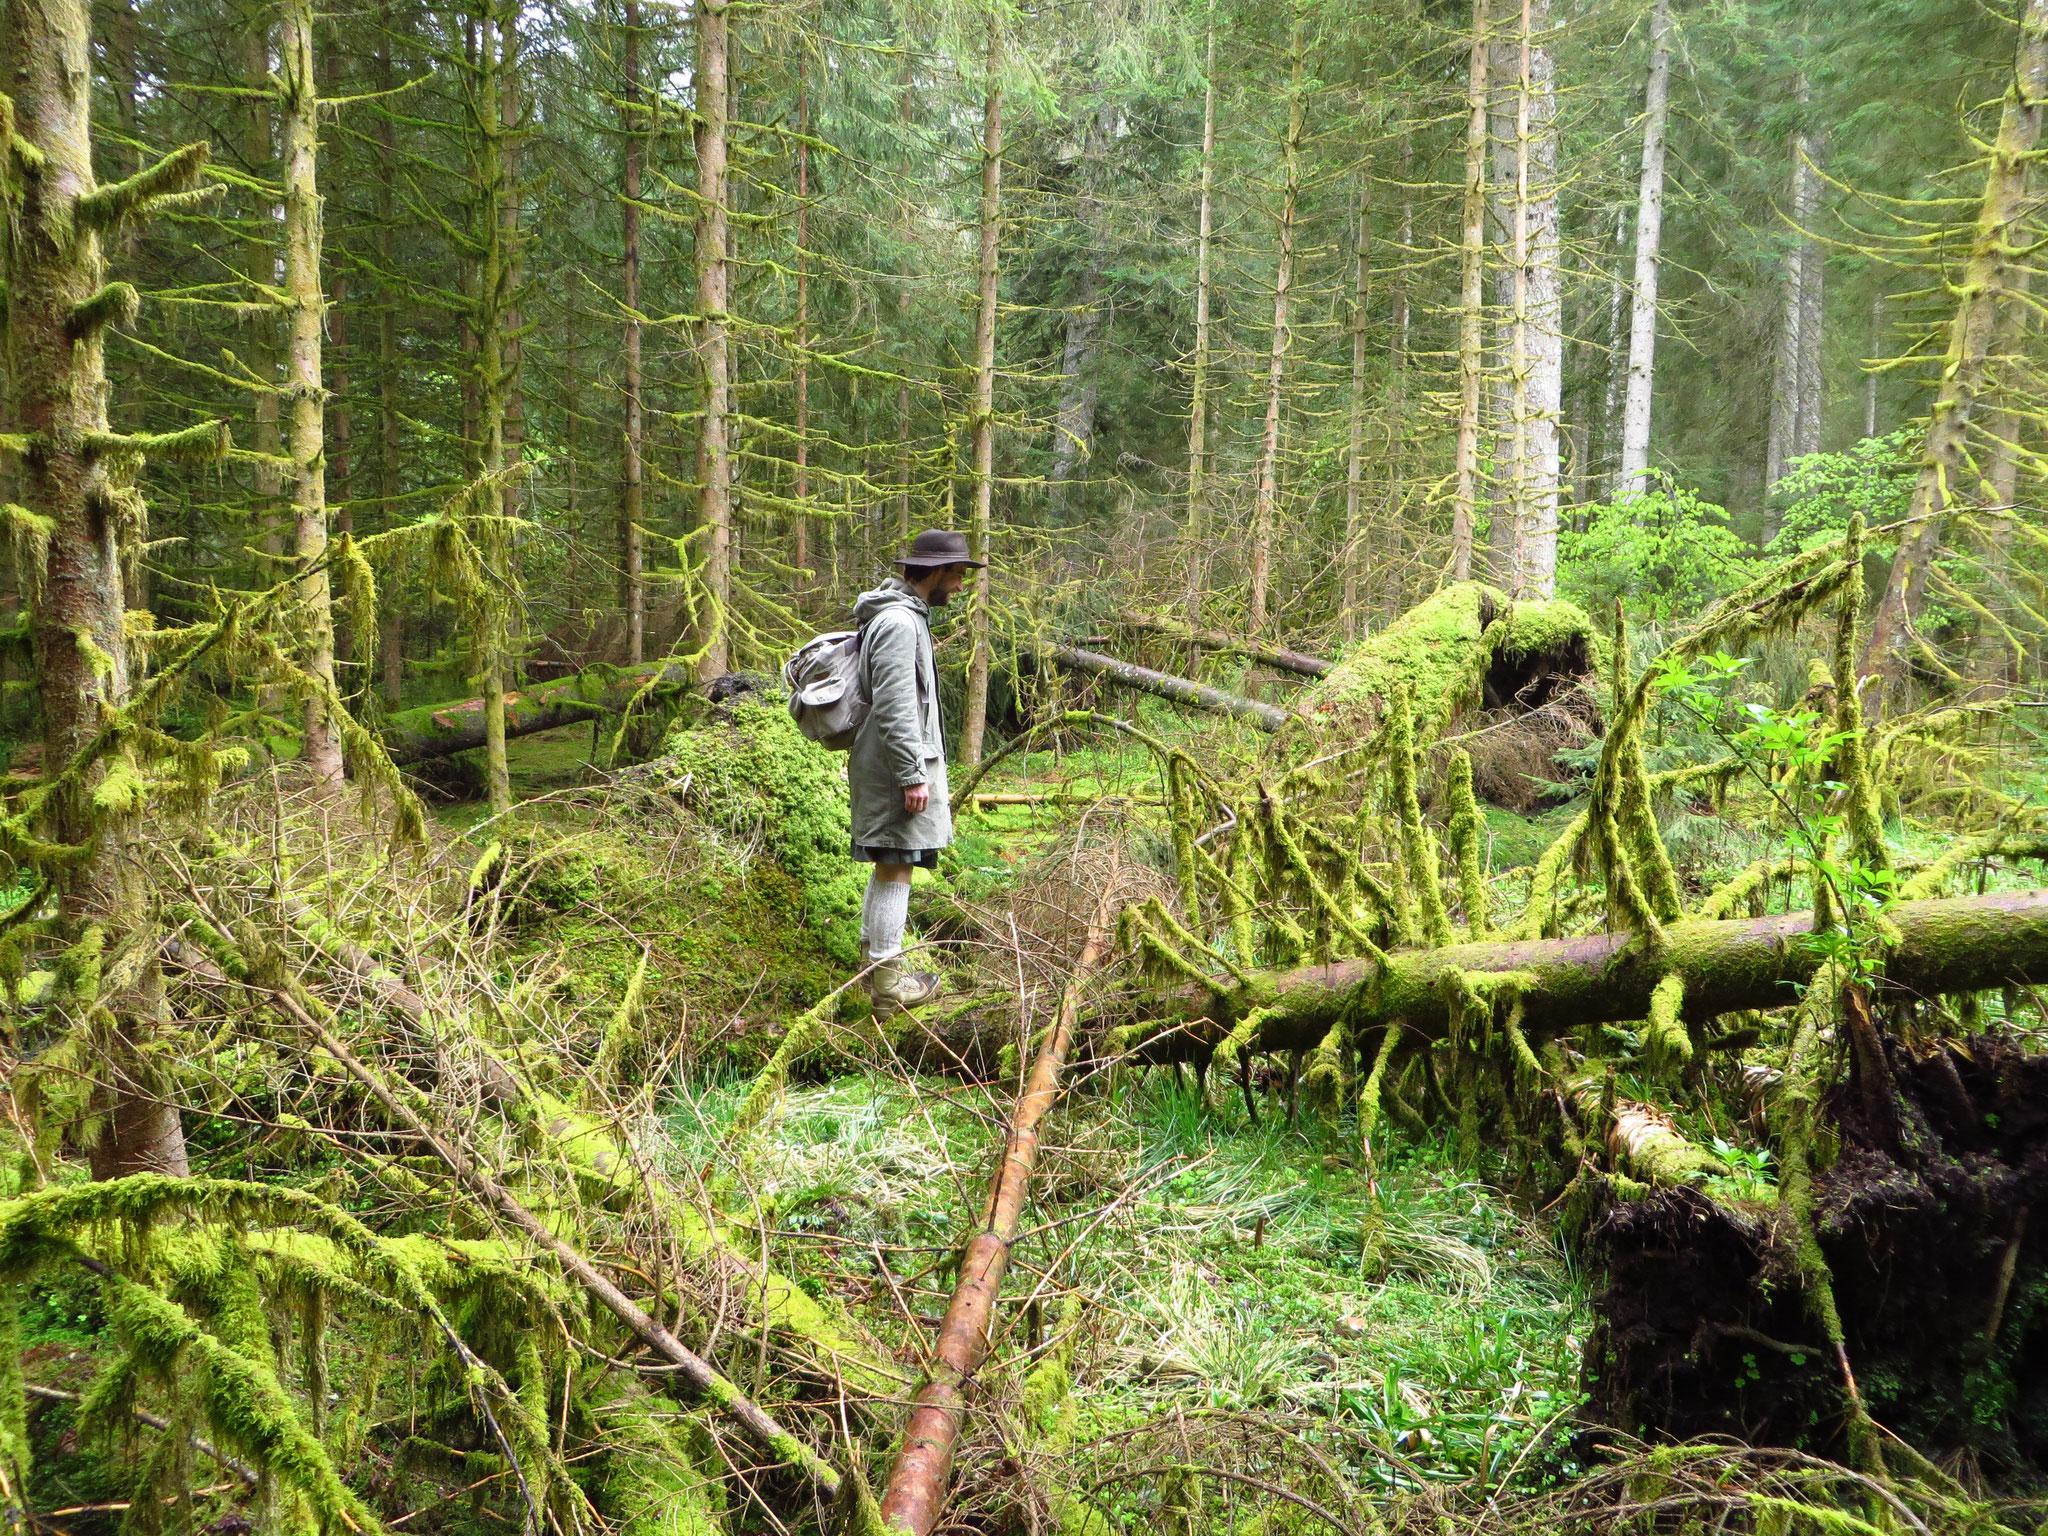 Ein Mann im Wald.